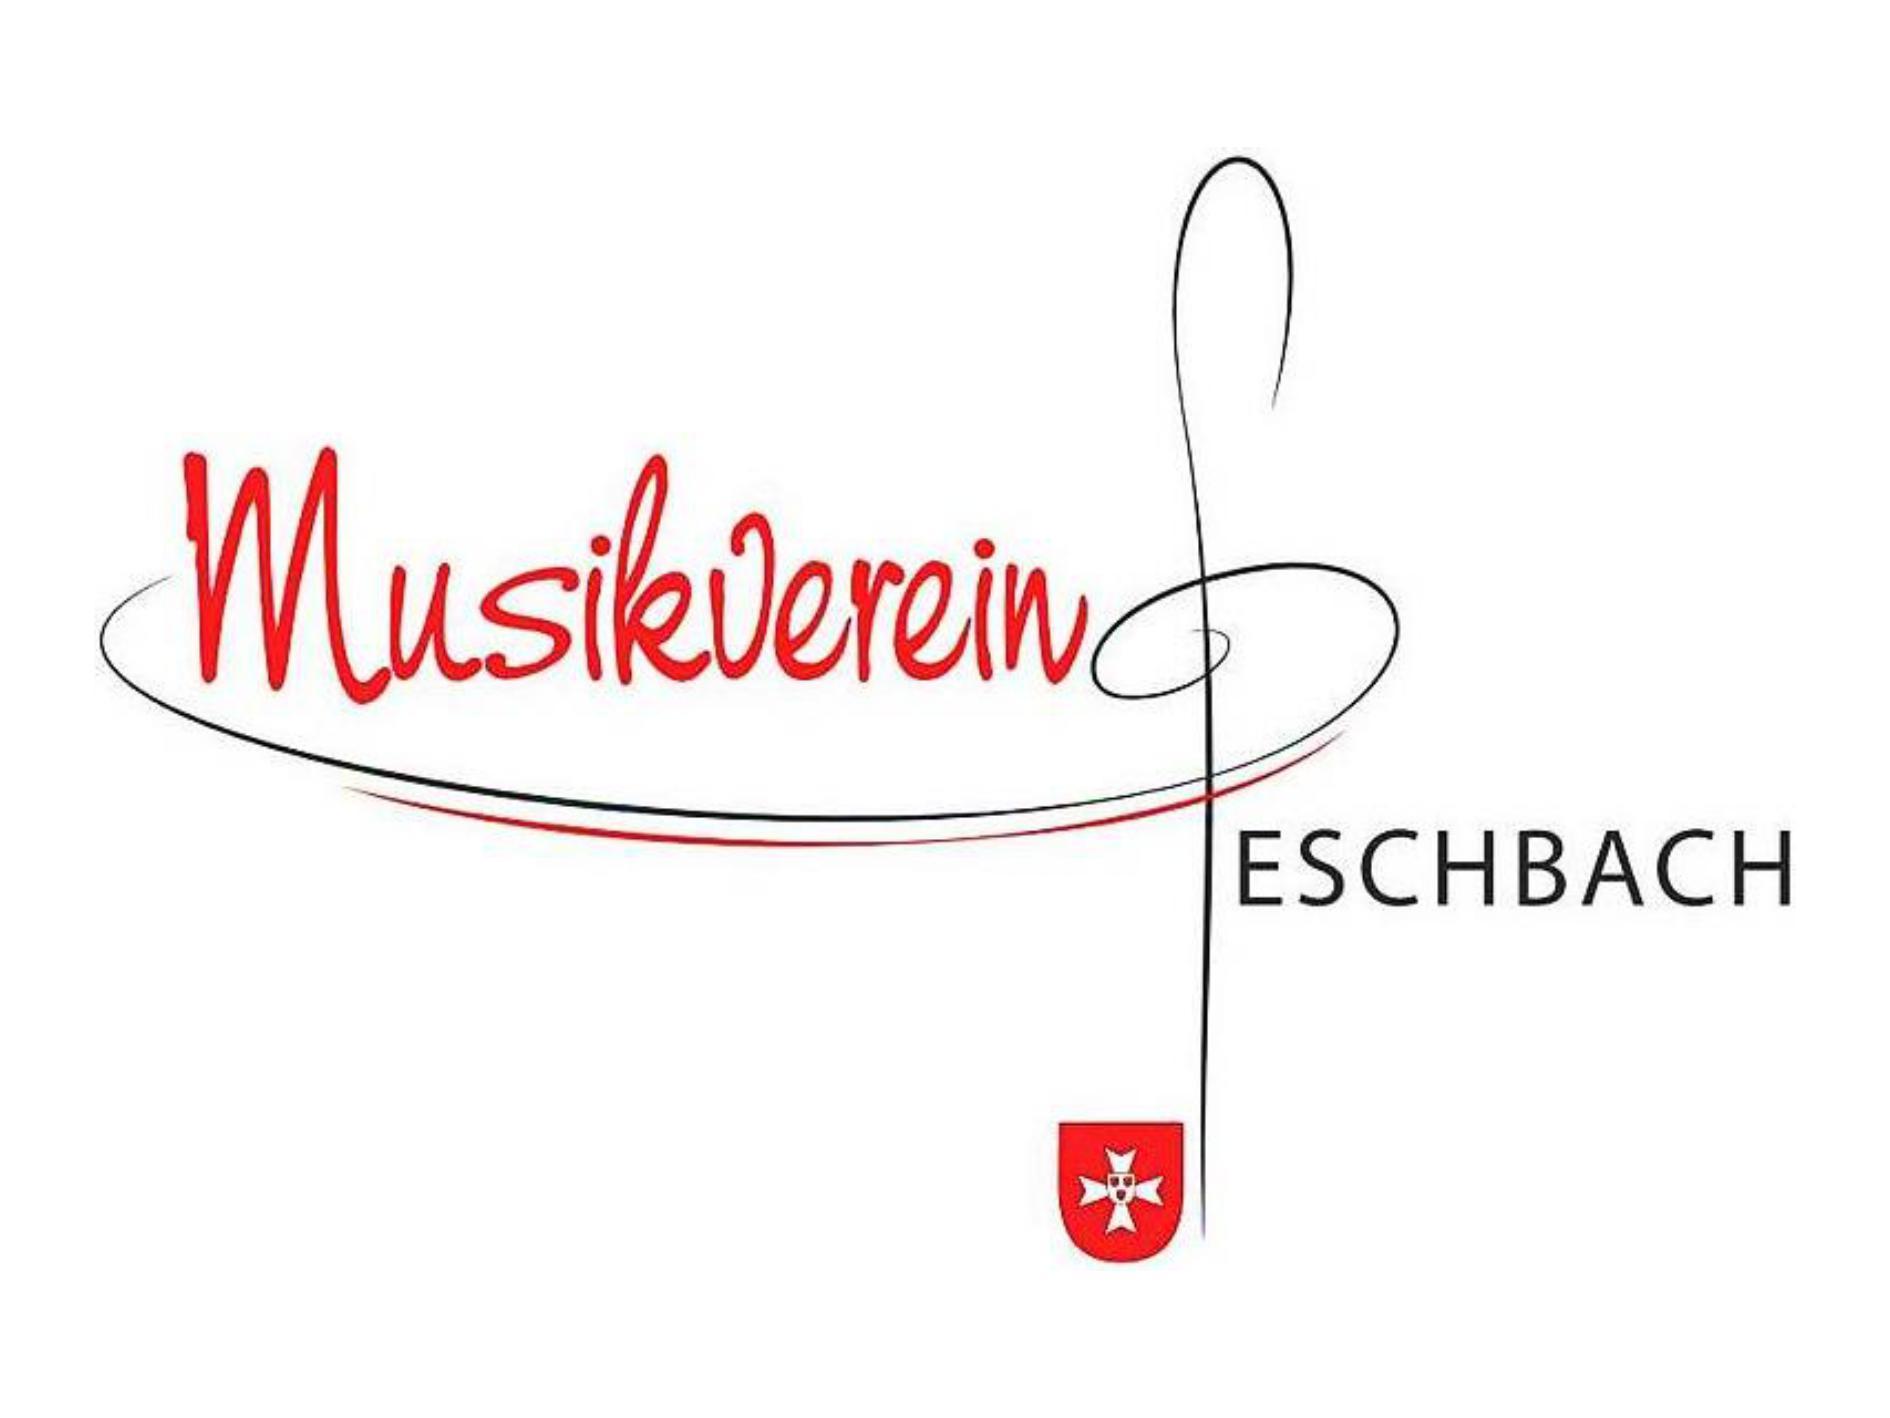 Musikverein Eschbach